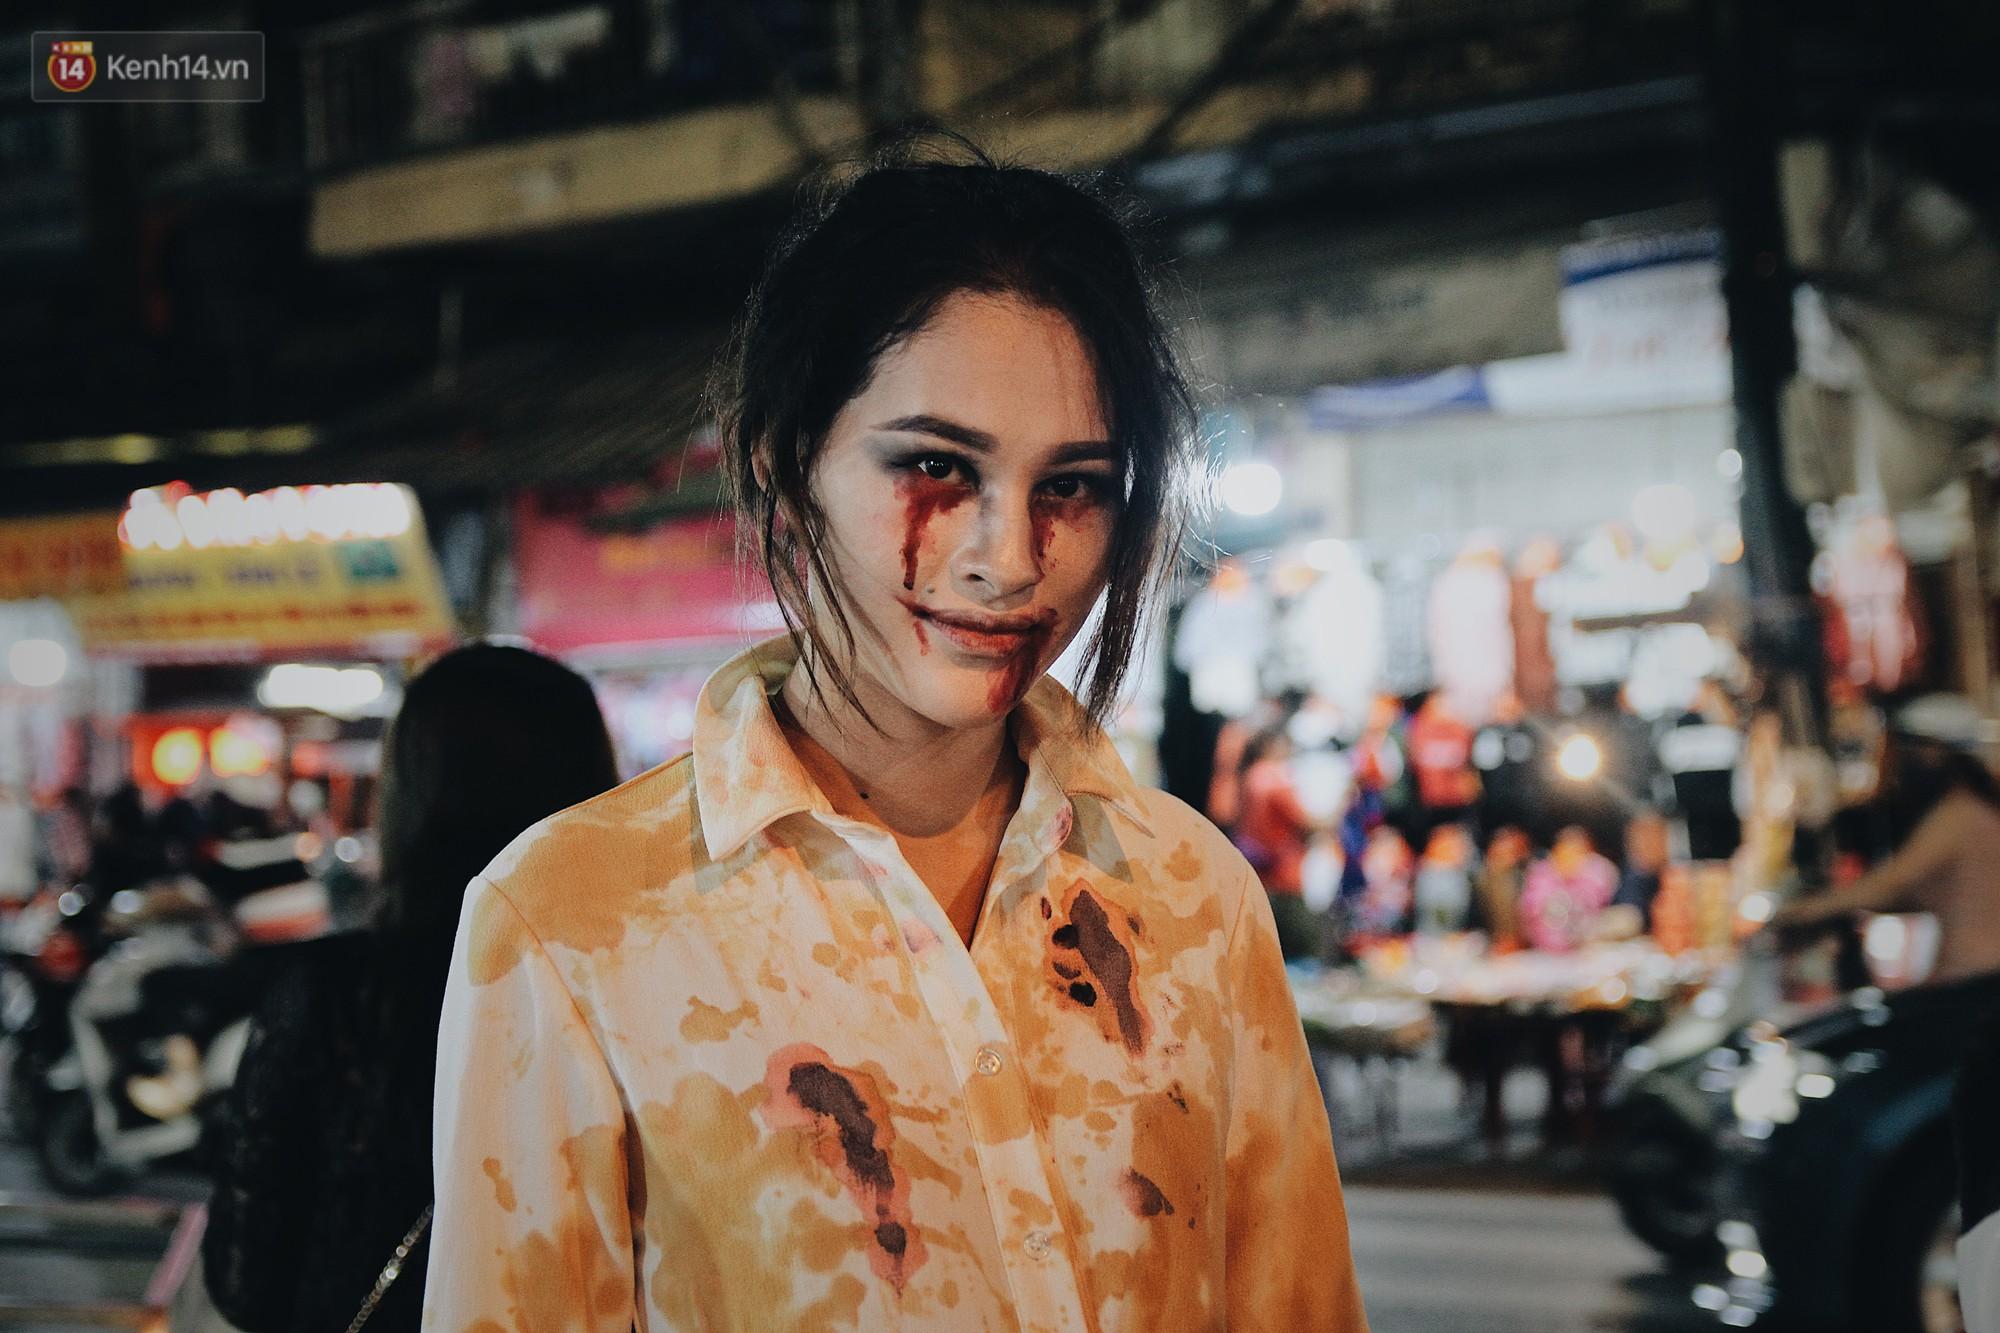 Hình ảnh Halloween tại phố Hàng Mã Hà Nội- Ảnh 7.